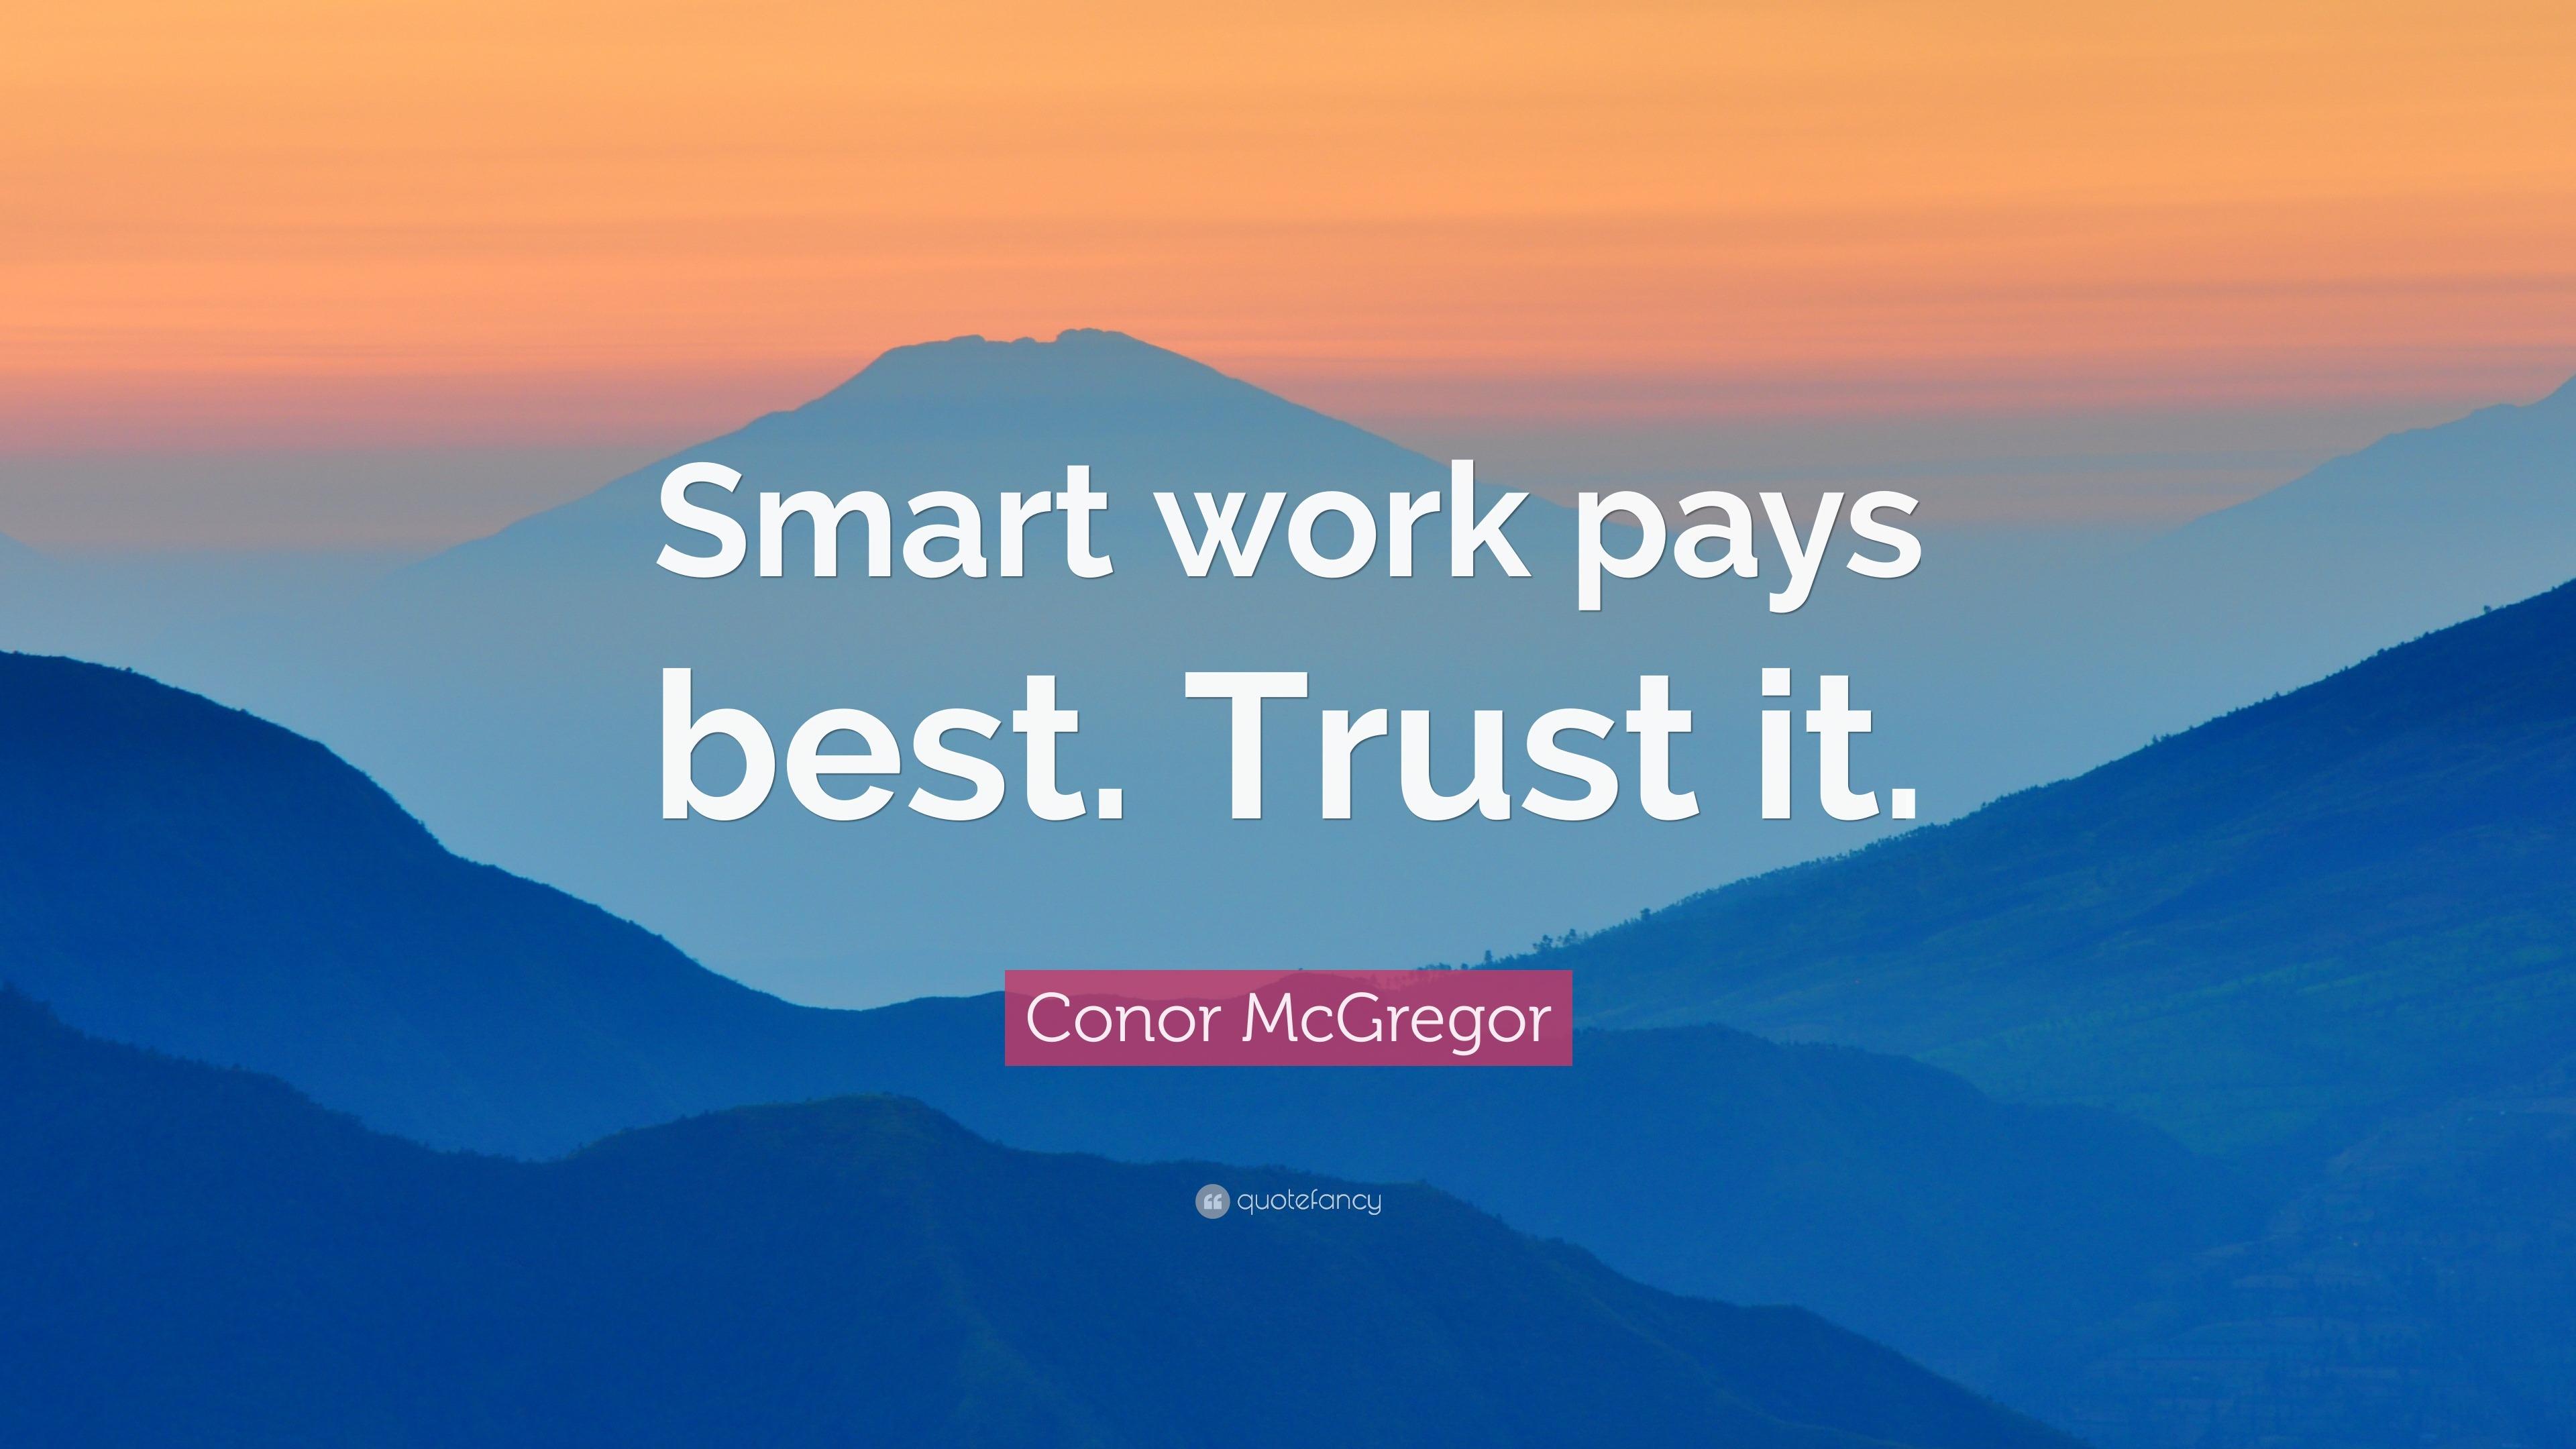 """Conor McGregor Quote: """"Smart work pays best. Trust it."""" (12"""